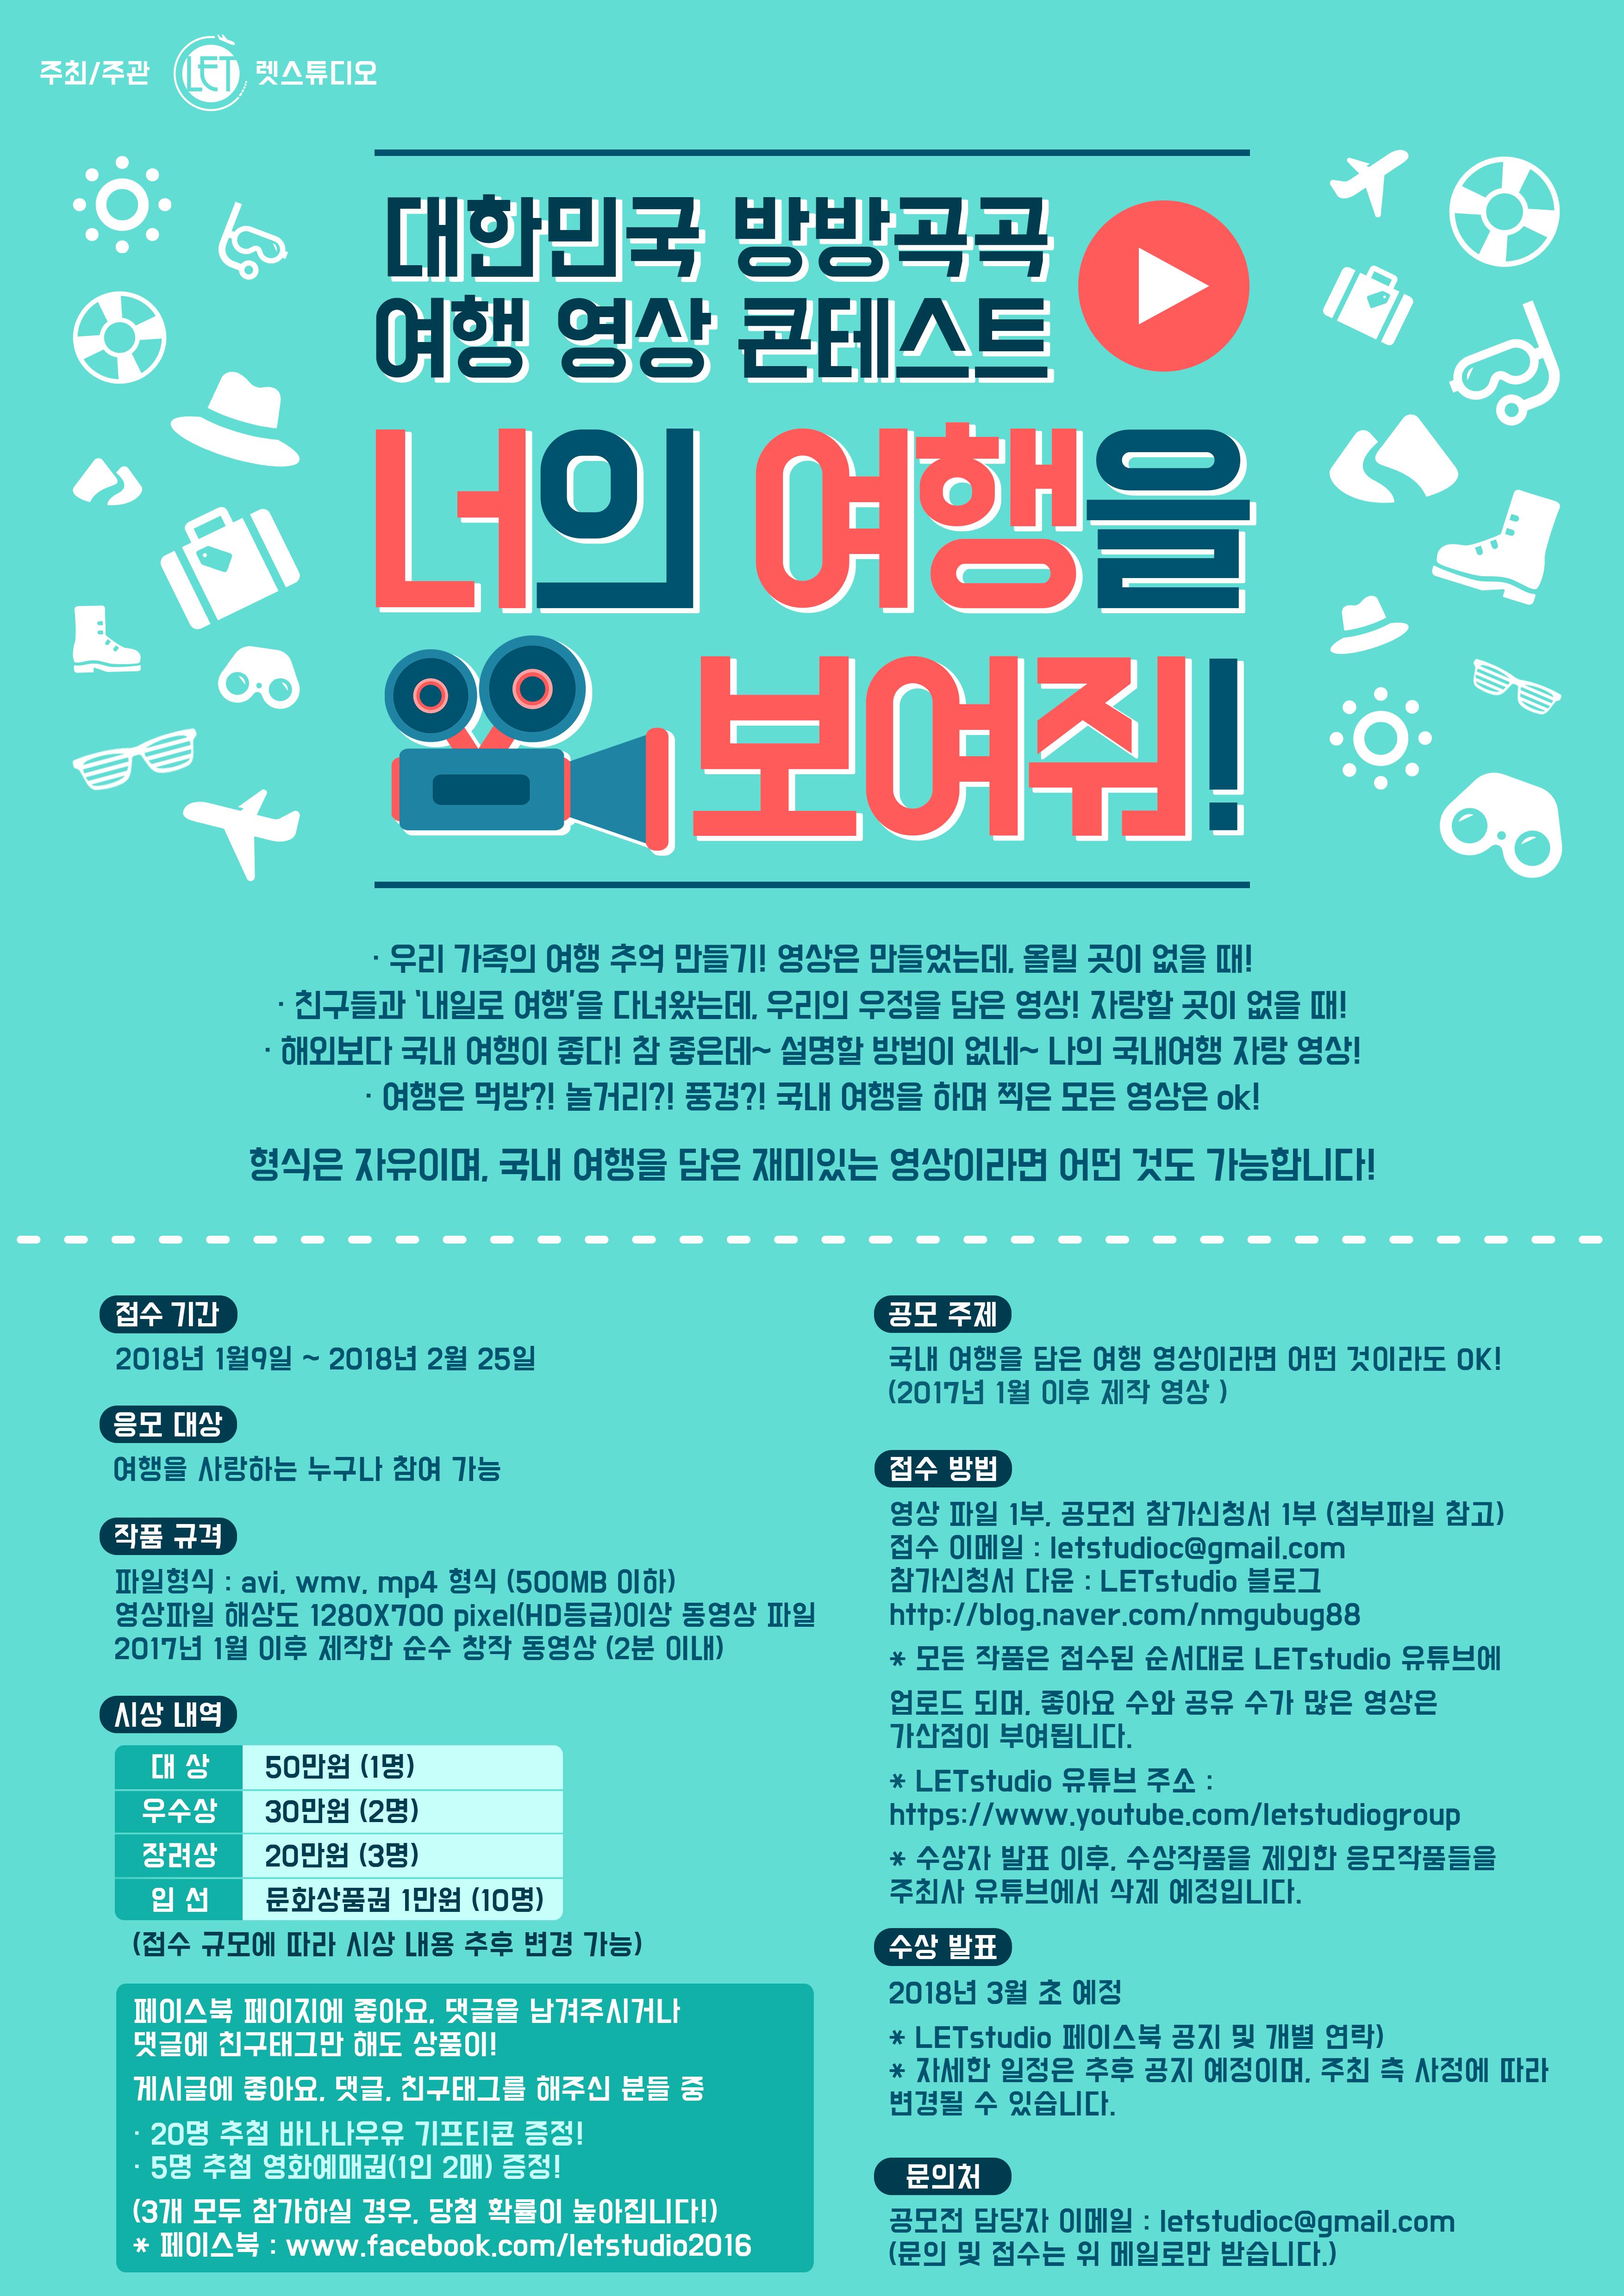 제1회 『대한민국 방방곡곡 여행 영상 콘테스트』